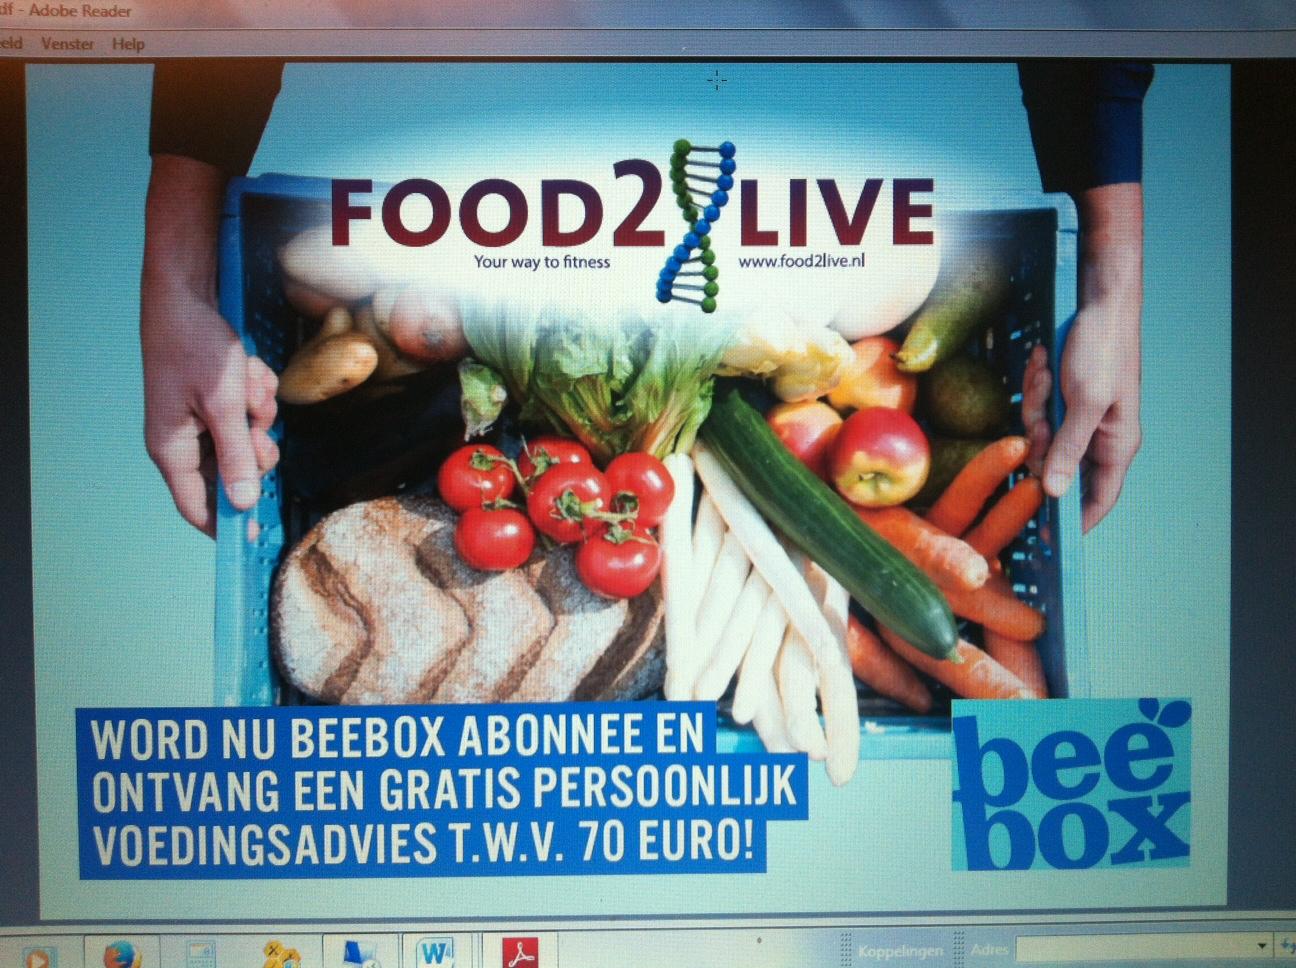 Beebox &, Food2live : Biologische voeding binnen handbereik